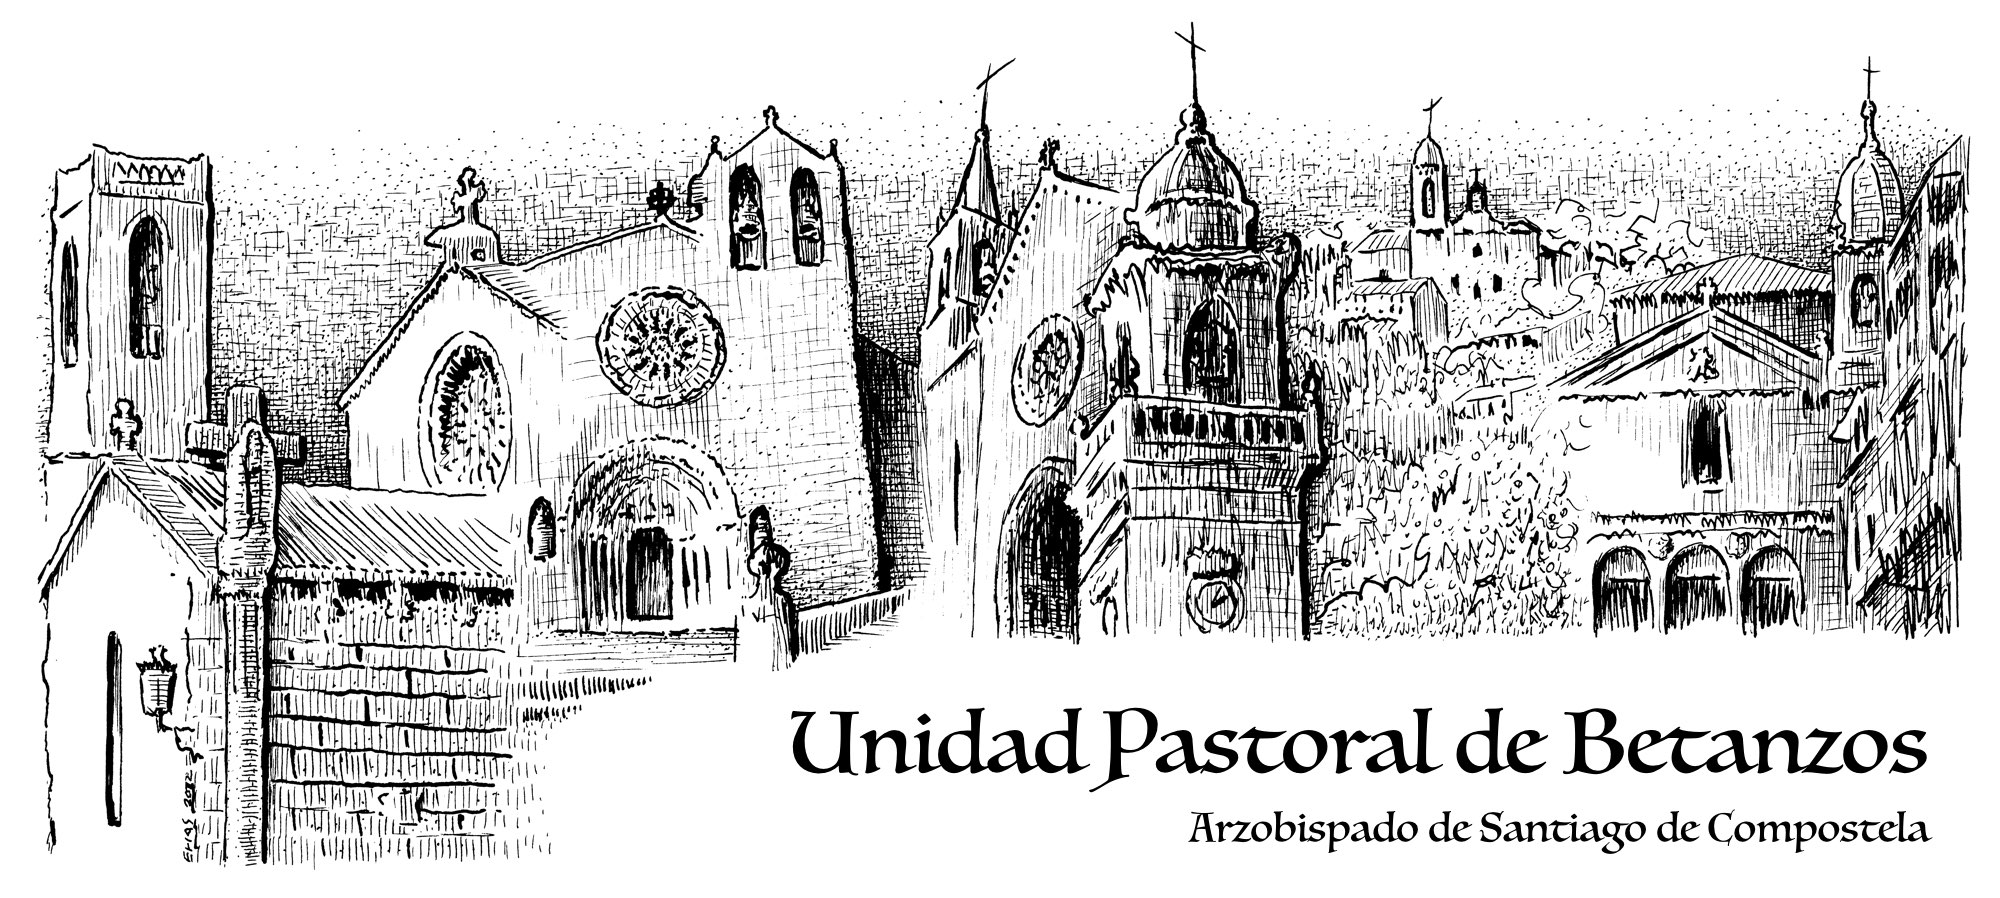 Unidad Pastoral de Betanzos